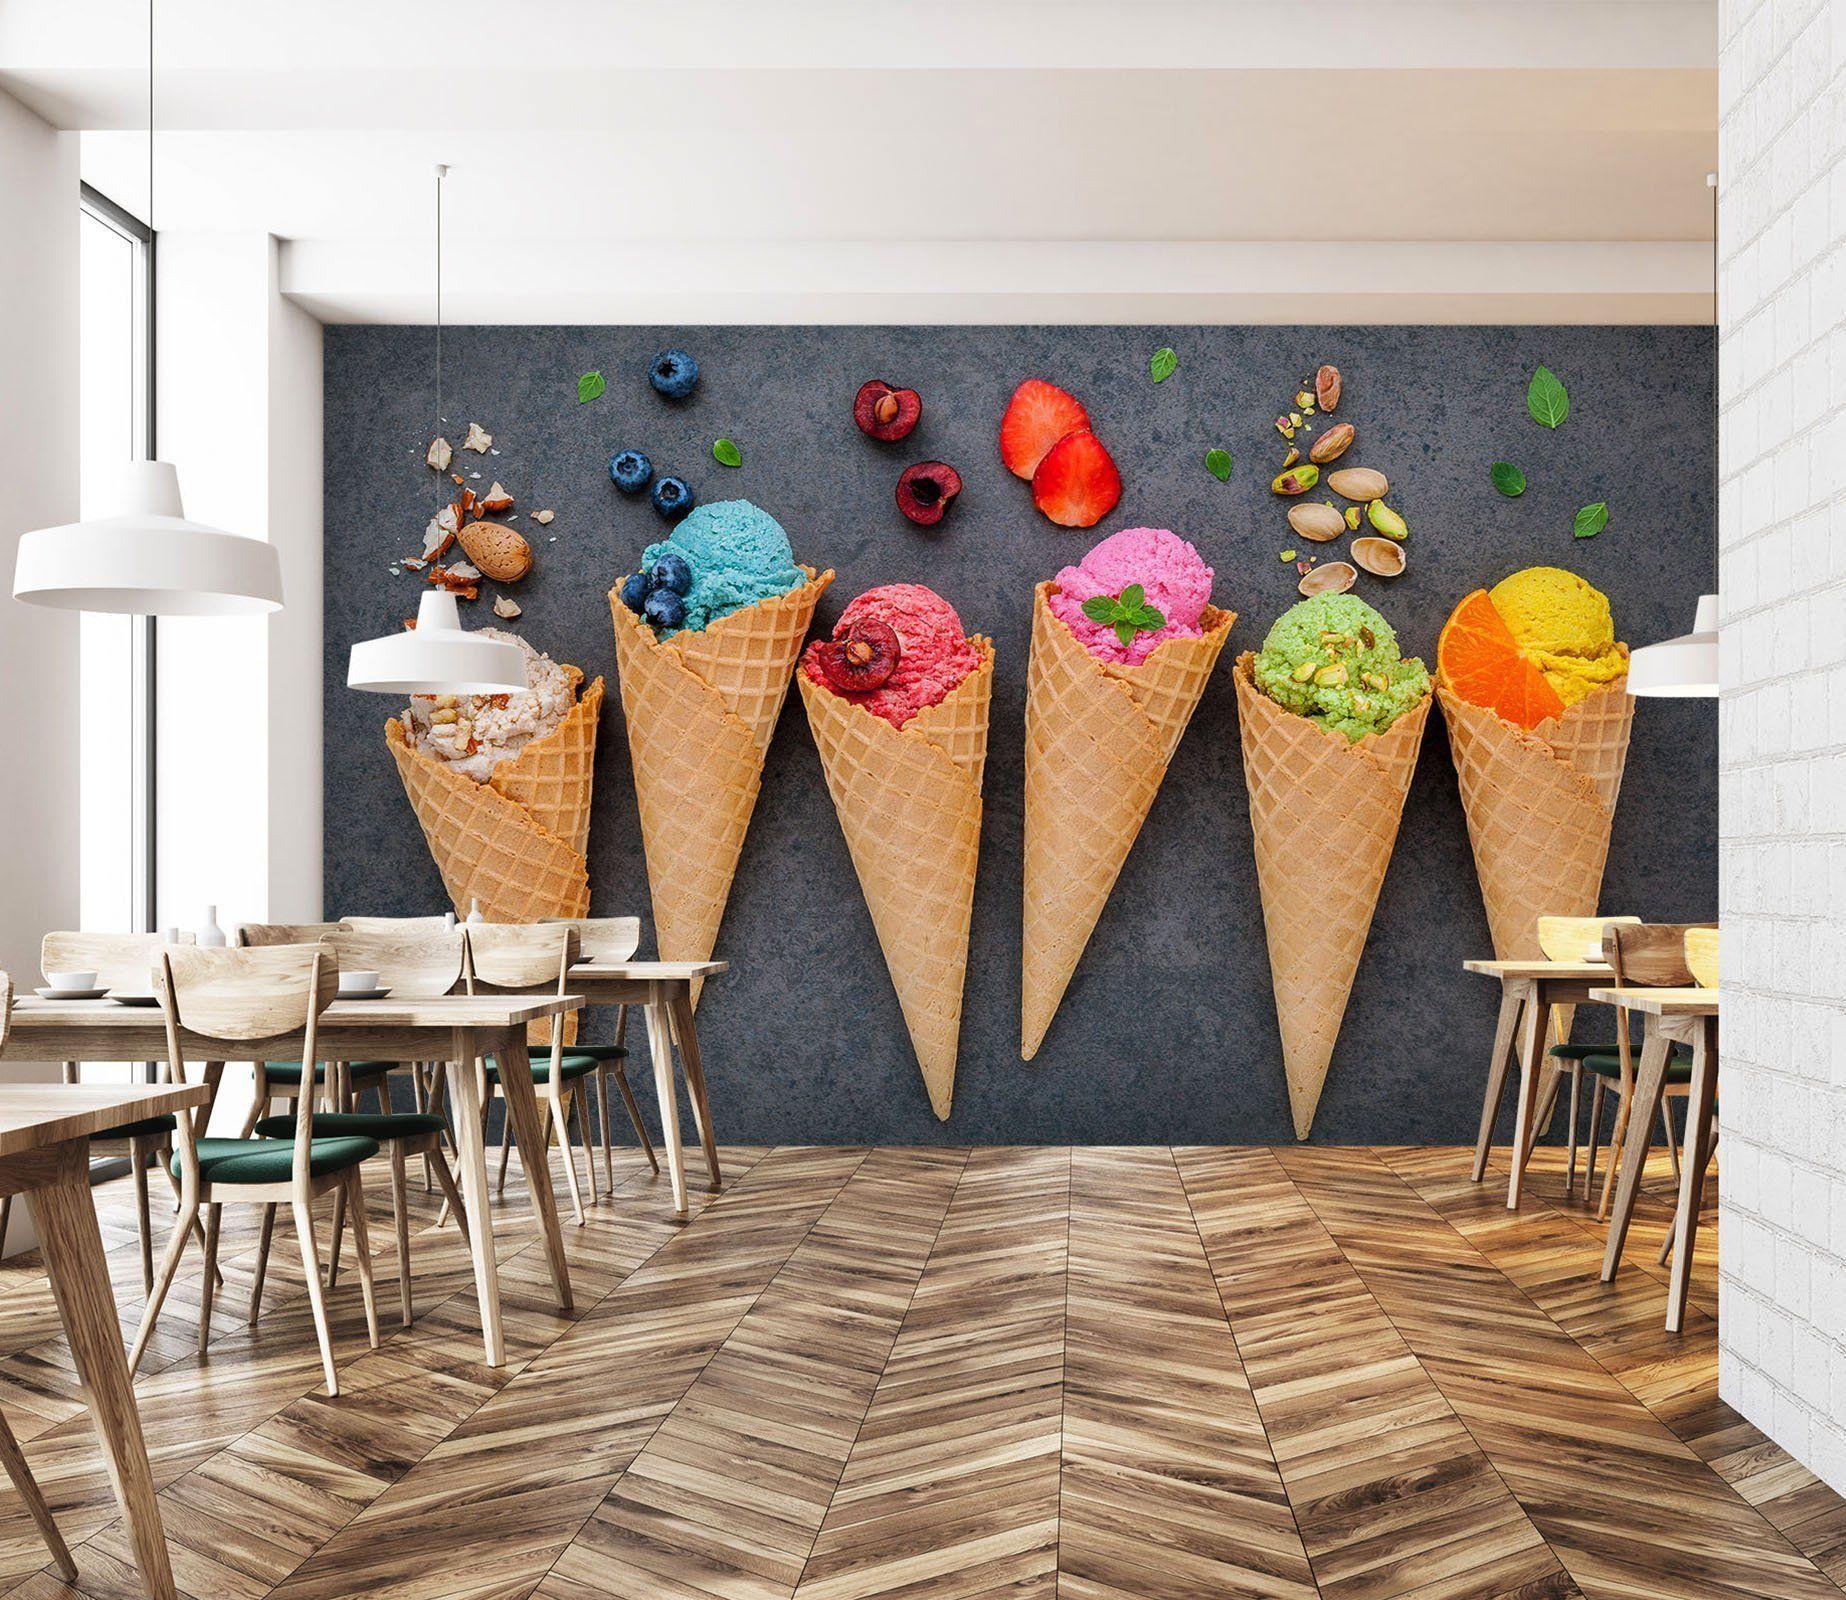 طعمهای مختلف بستنی در یک بستنیفروشی ایتالیایی